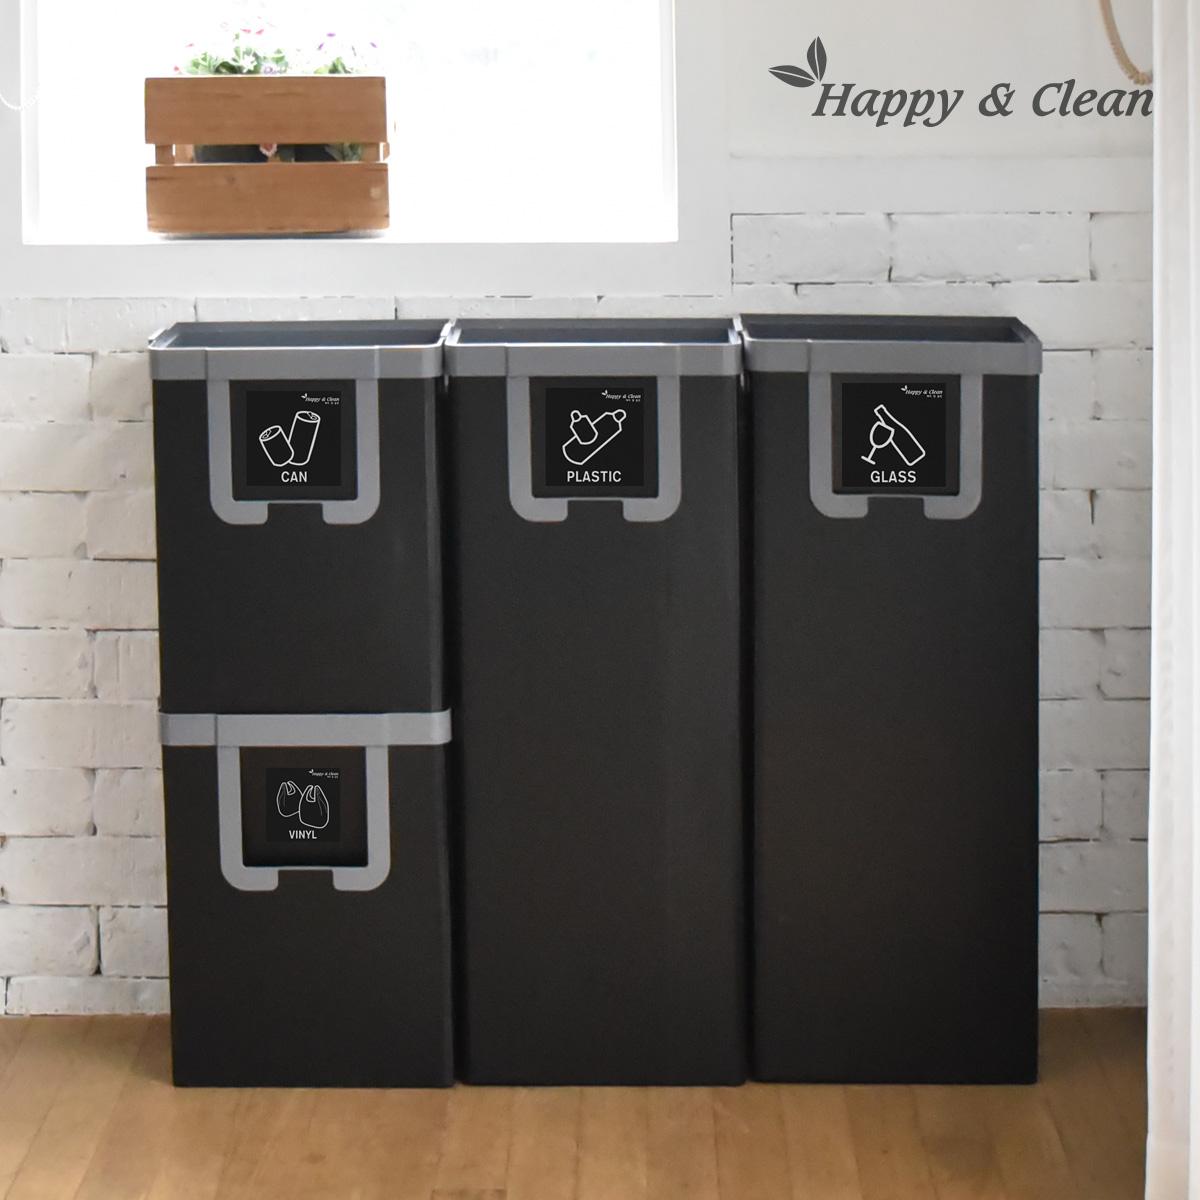 나눔이 재활용 분리수거함 대(2P)+소(2P) SET 쓰레기통 휴지통, 블랙